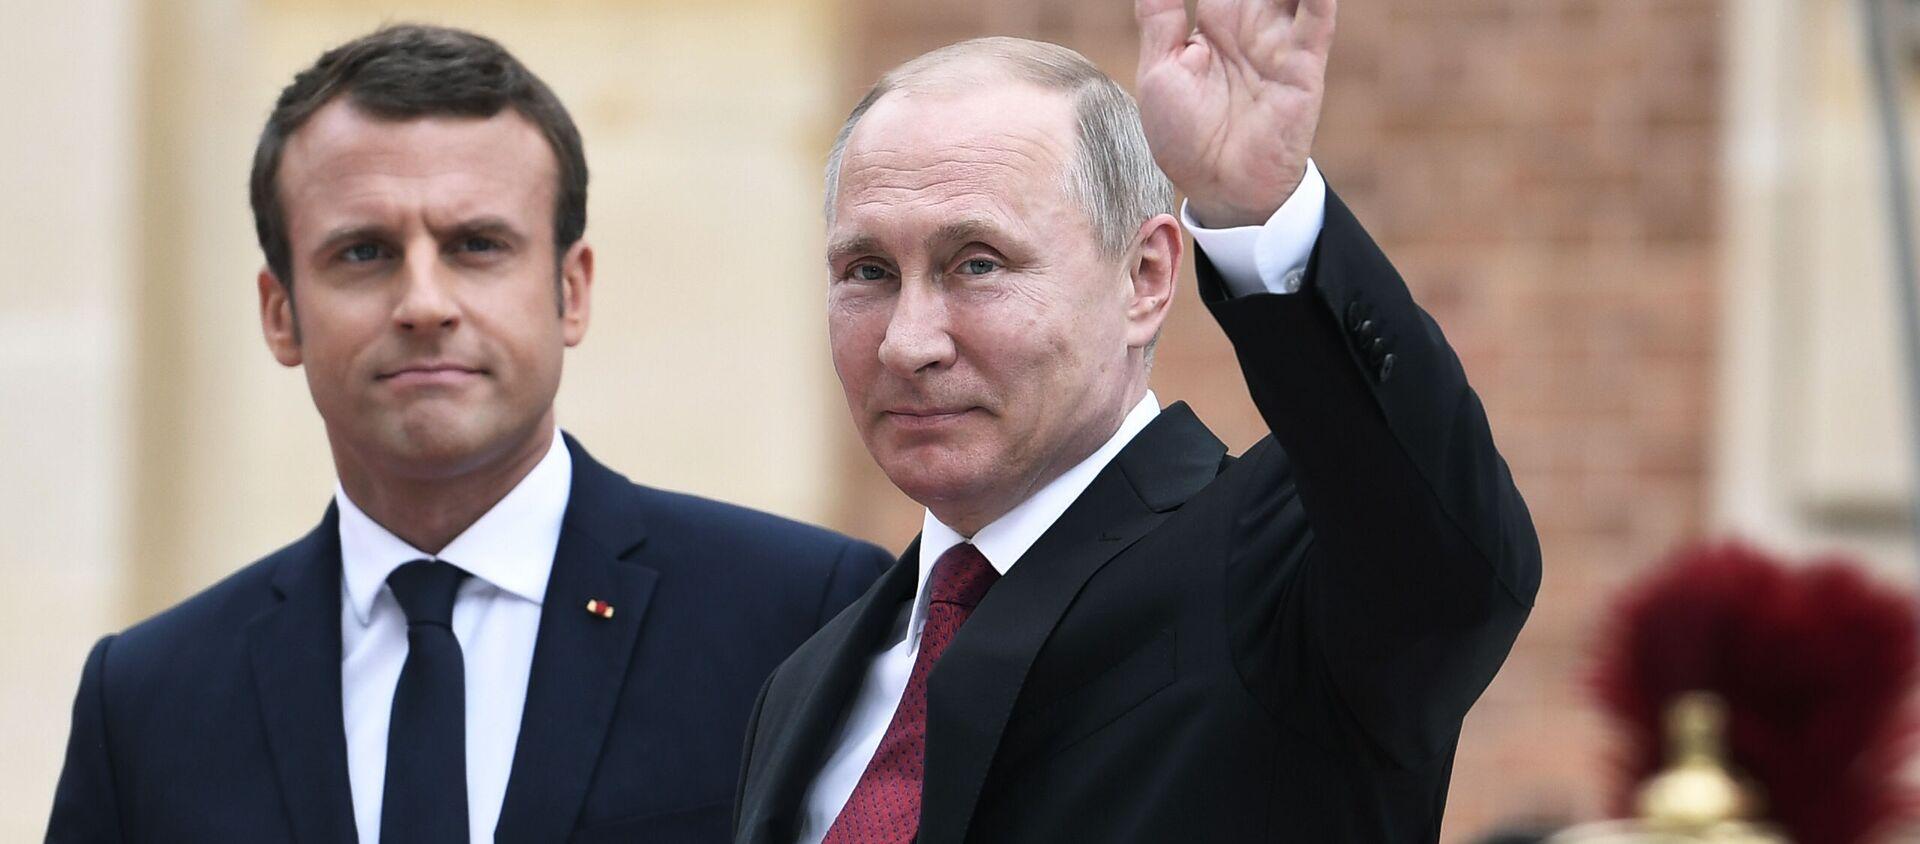 cuộc gặp sắp tới của các ông Vladimir Putin và Emmanuel Macron - Sputnik Việt Nam, 1920, 20.09.2021